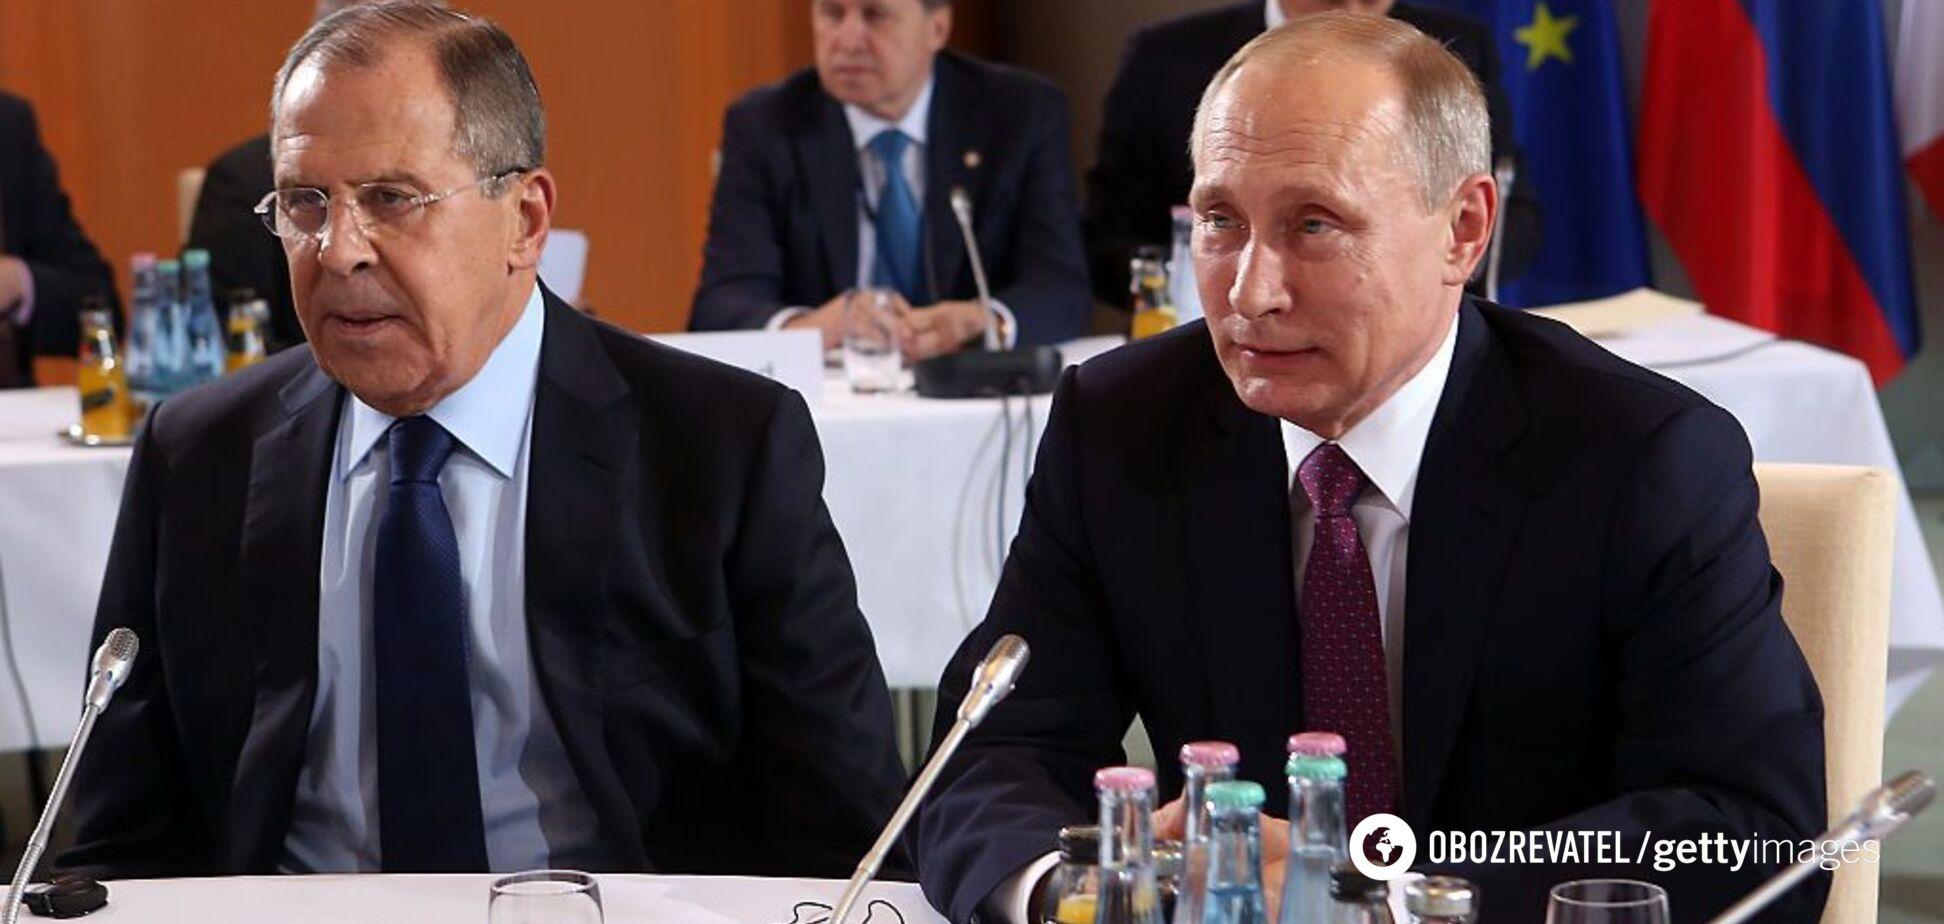 Российскую наркомафию во главе с Путиным и Лавровым – подорвали